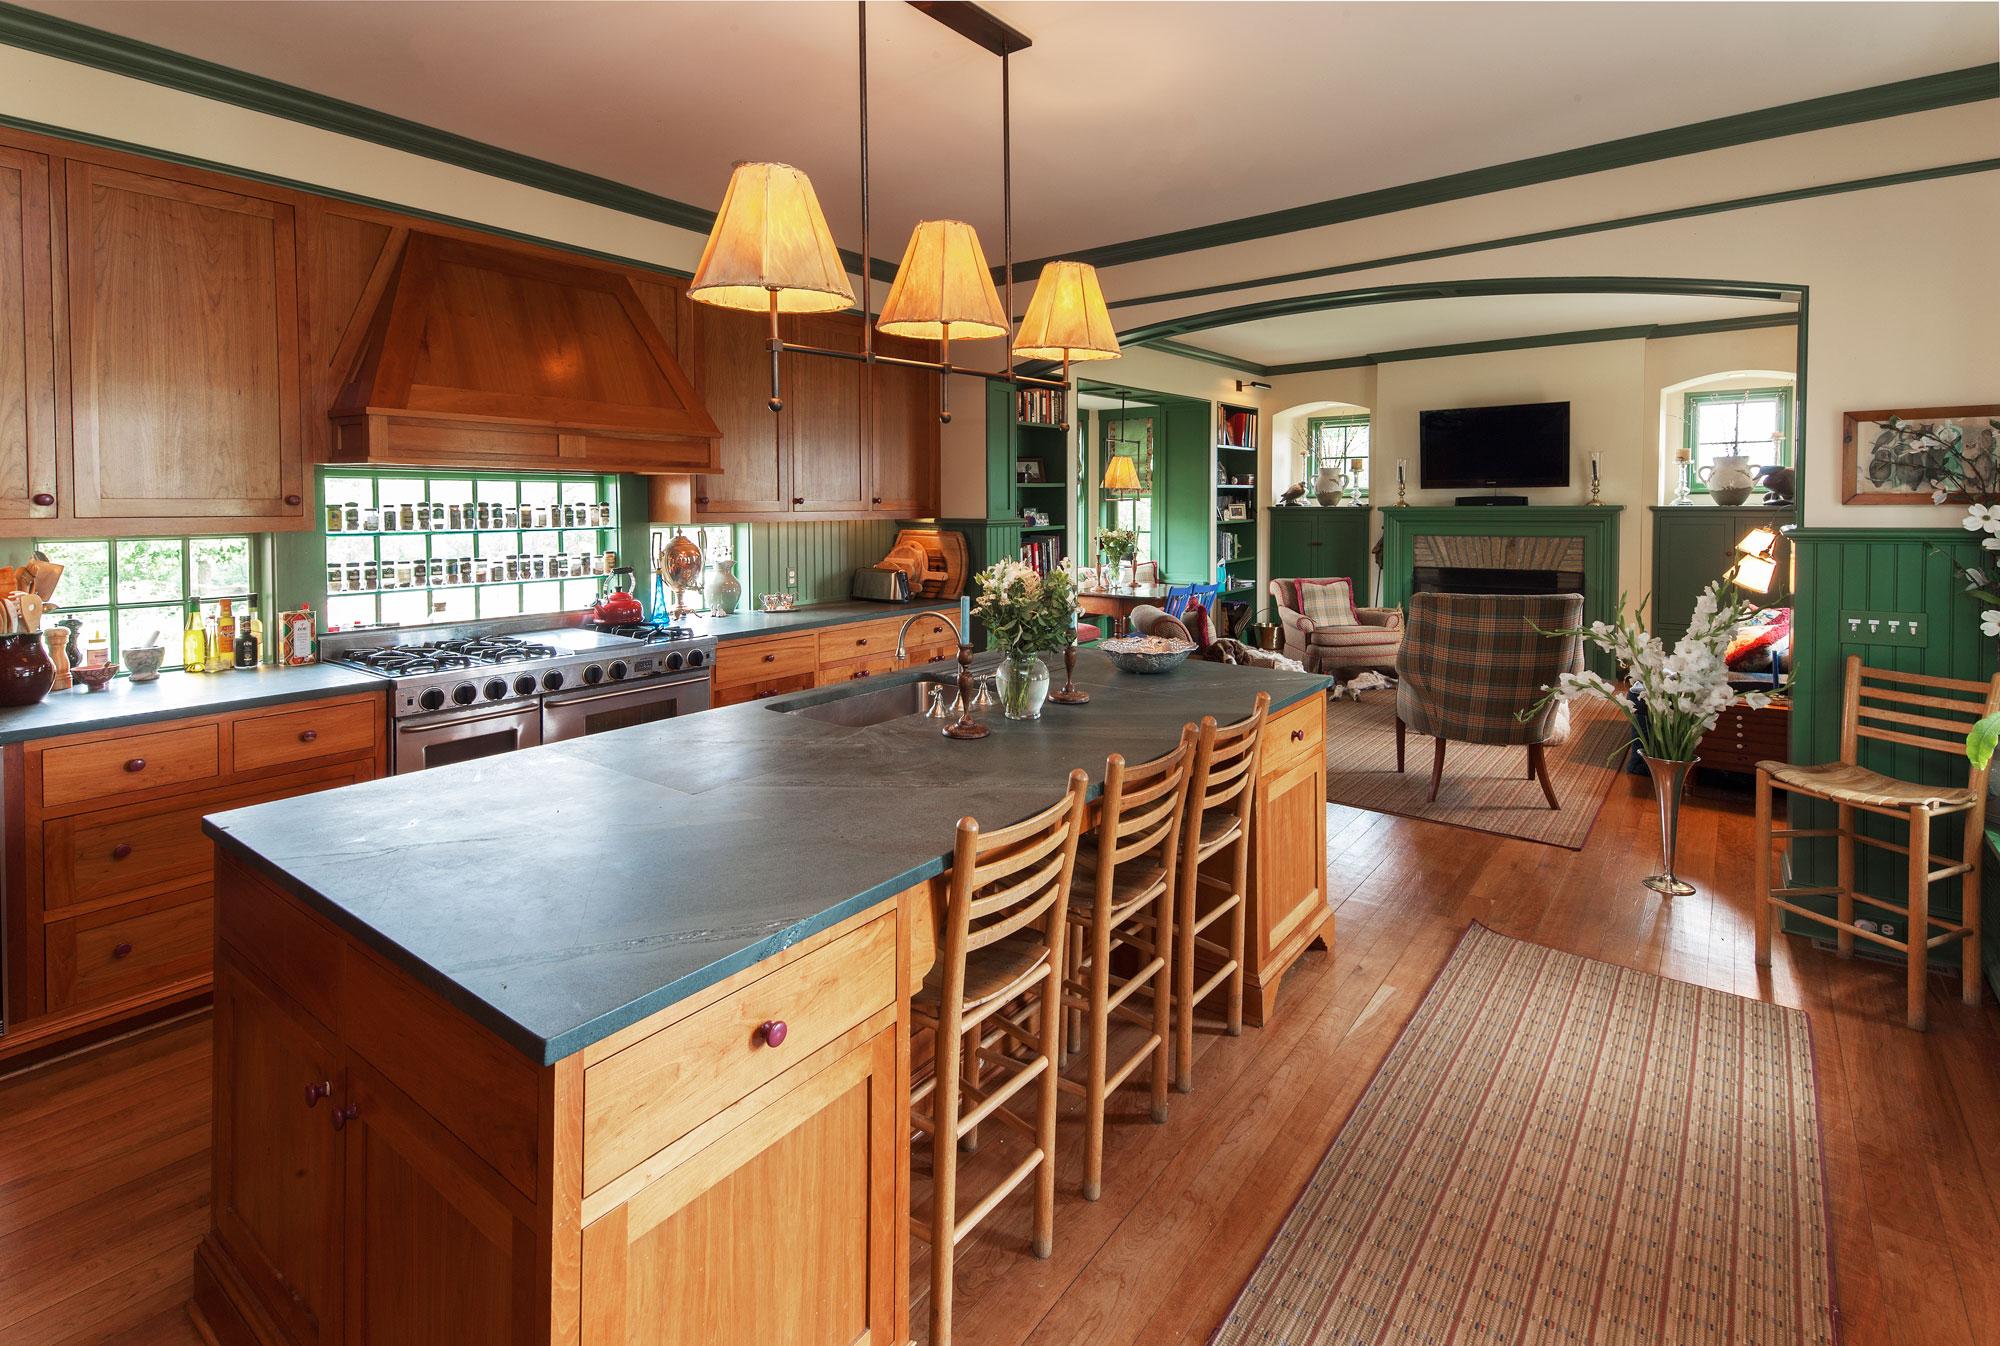 9616_kitchen.jpg